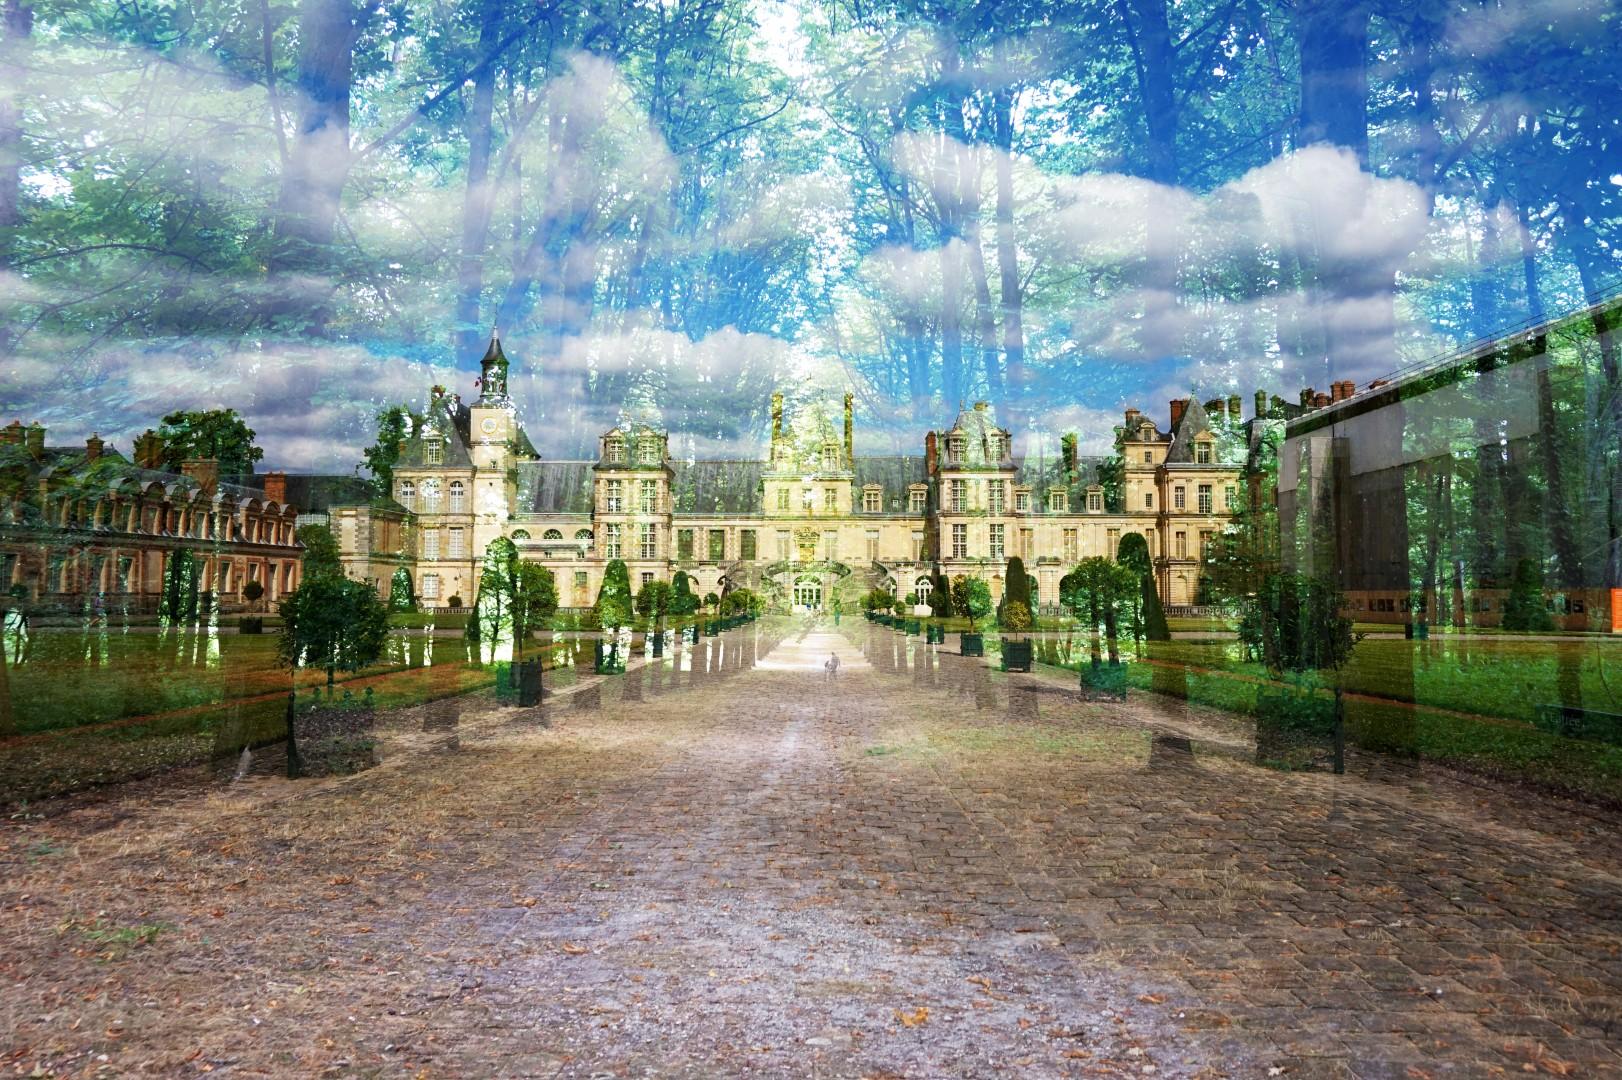 Château de Fontainebleau - Double exposition